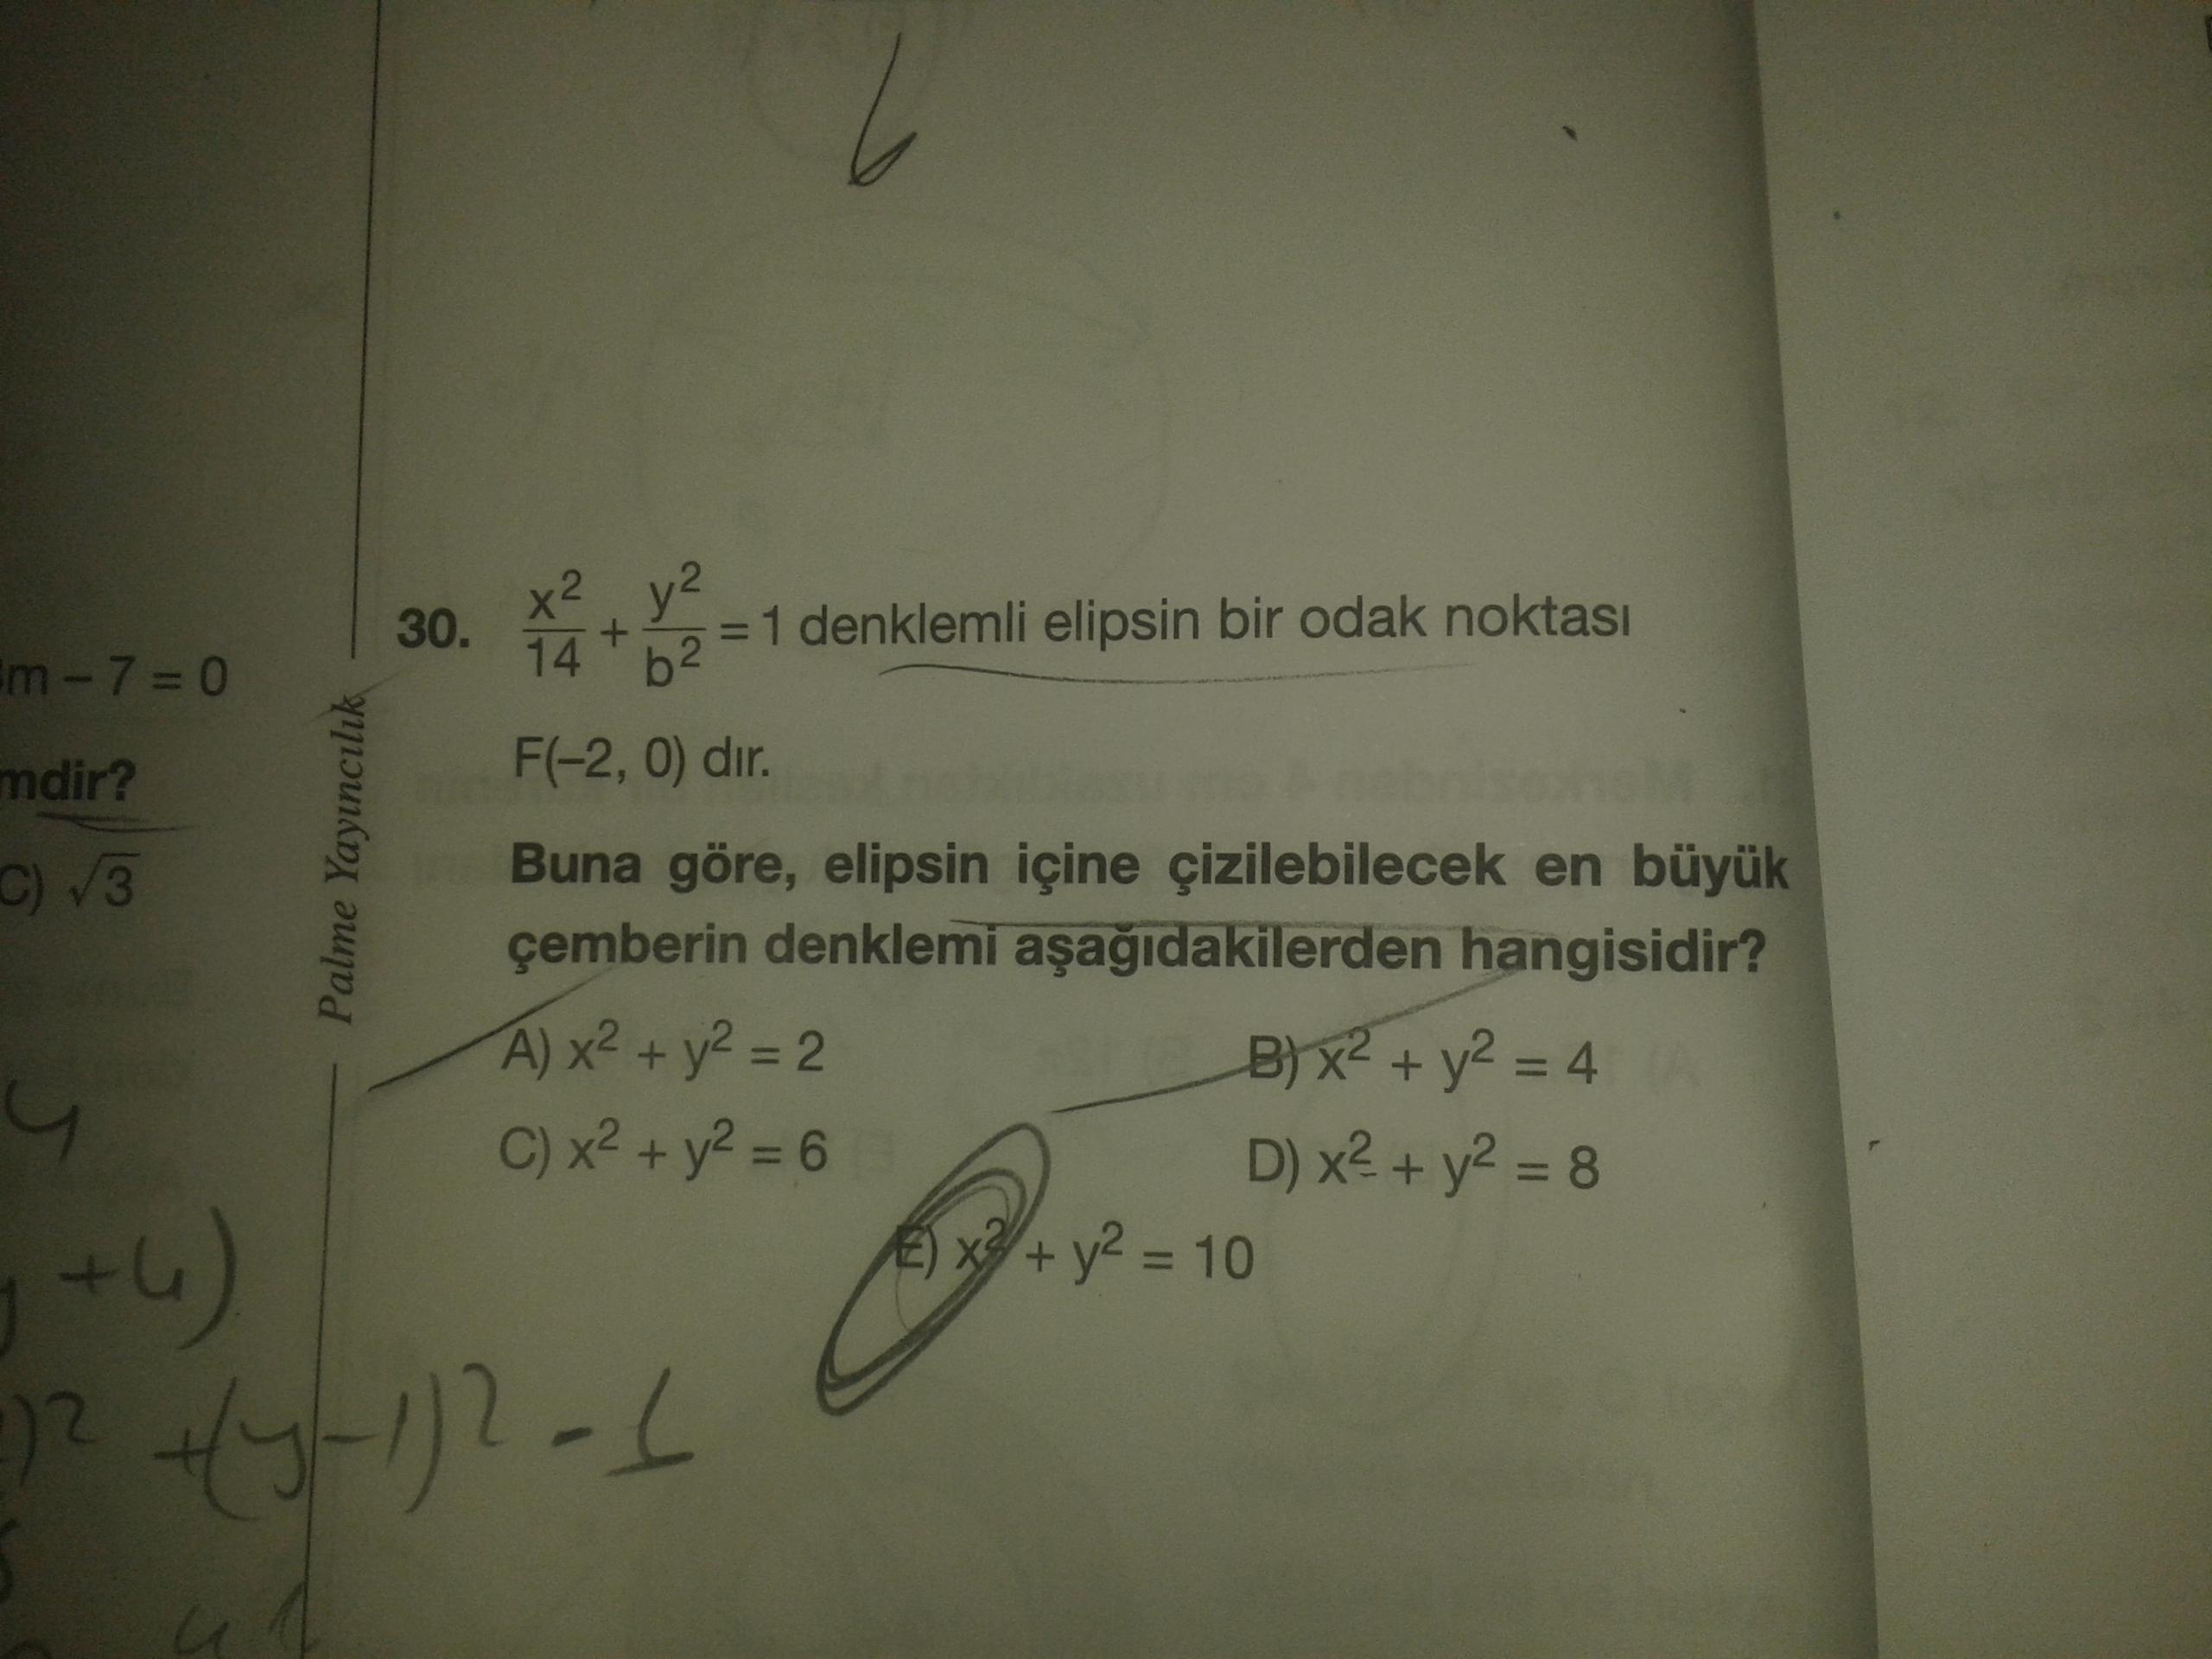 Elips yedek cember denklemi